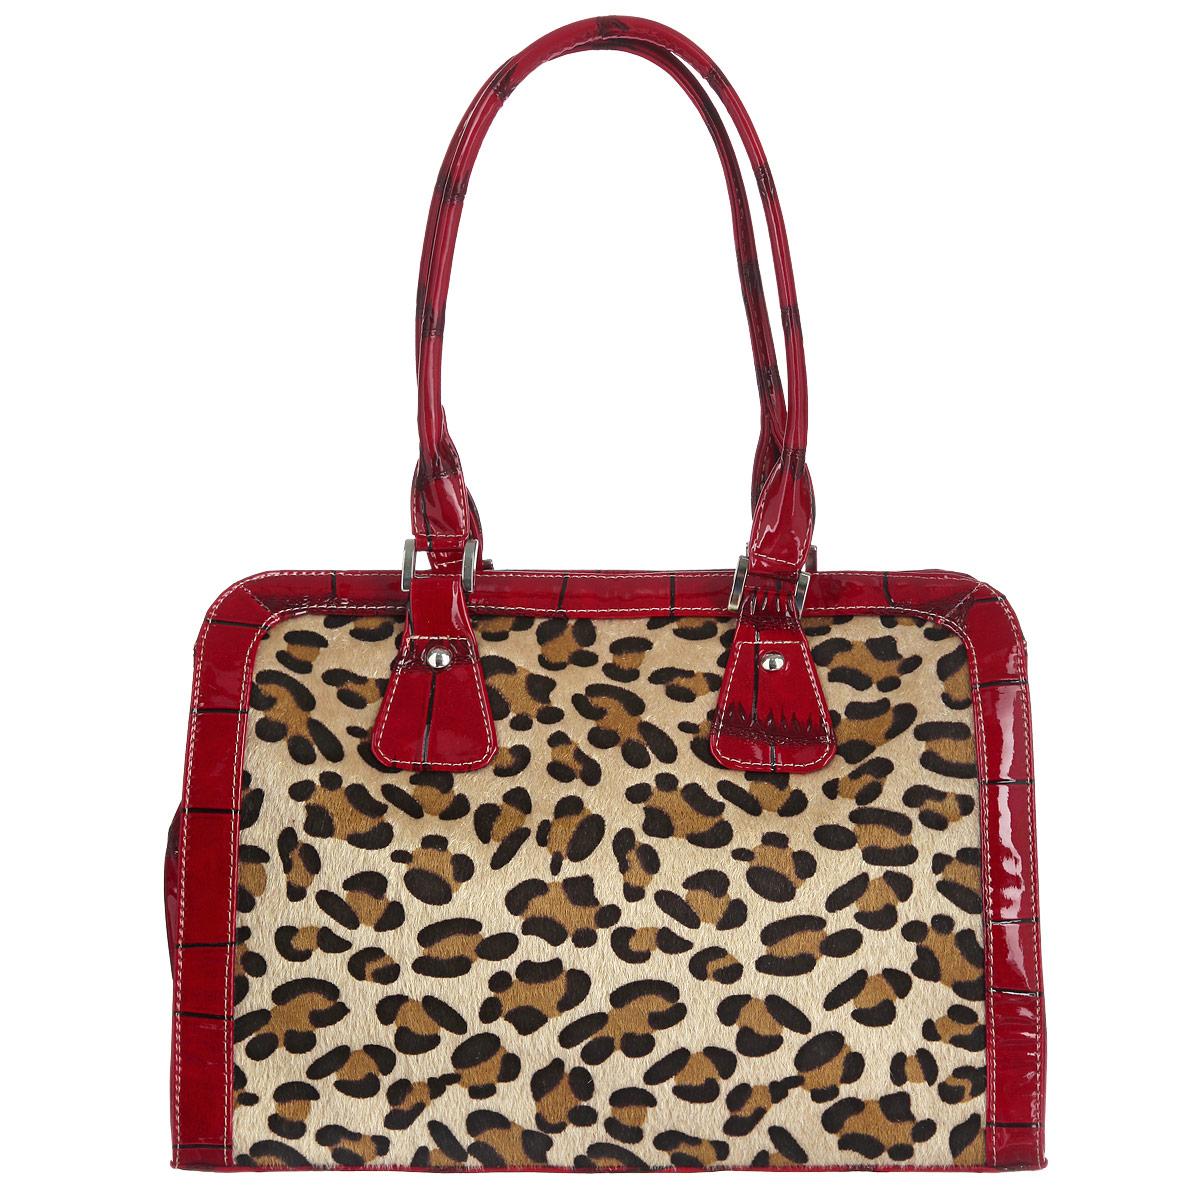 Сумка женская Antan, цвет: красный, коричневый, бежевый. 766 В766 ВОригинальна сумка Antan выполнена из искусственной лакированной кожи с тиснением под рептилию, декорирована вставкой из искусственного меха с оригинальной леопардовой расцветкой. Модель имеет одно главное отделение, закрывающееся на застежку-молнию. Внутри расположен врезной карман, закрывающийся на застежку-молнию, и два накладных кармана для телефона и мелочей. На тыльной стороне сумки имеется врезной карман на молнии. Сумка оснащена двумя удобными ручками, позволяющими носить ее и в руках, и на плече. Модная сумка подчеркнет ваш яркий стиль и сделает образ оригинальным и завершенным.